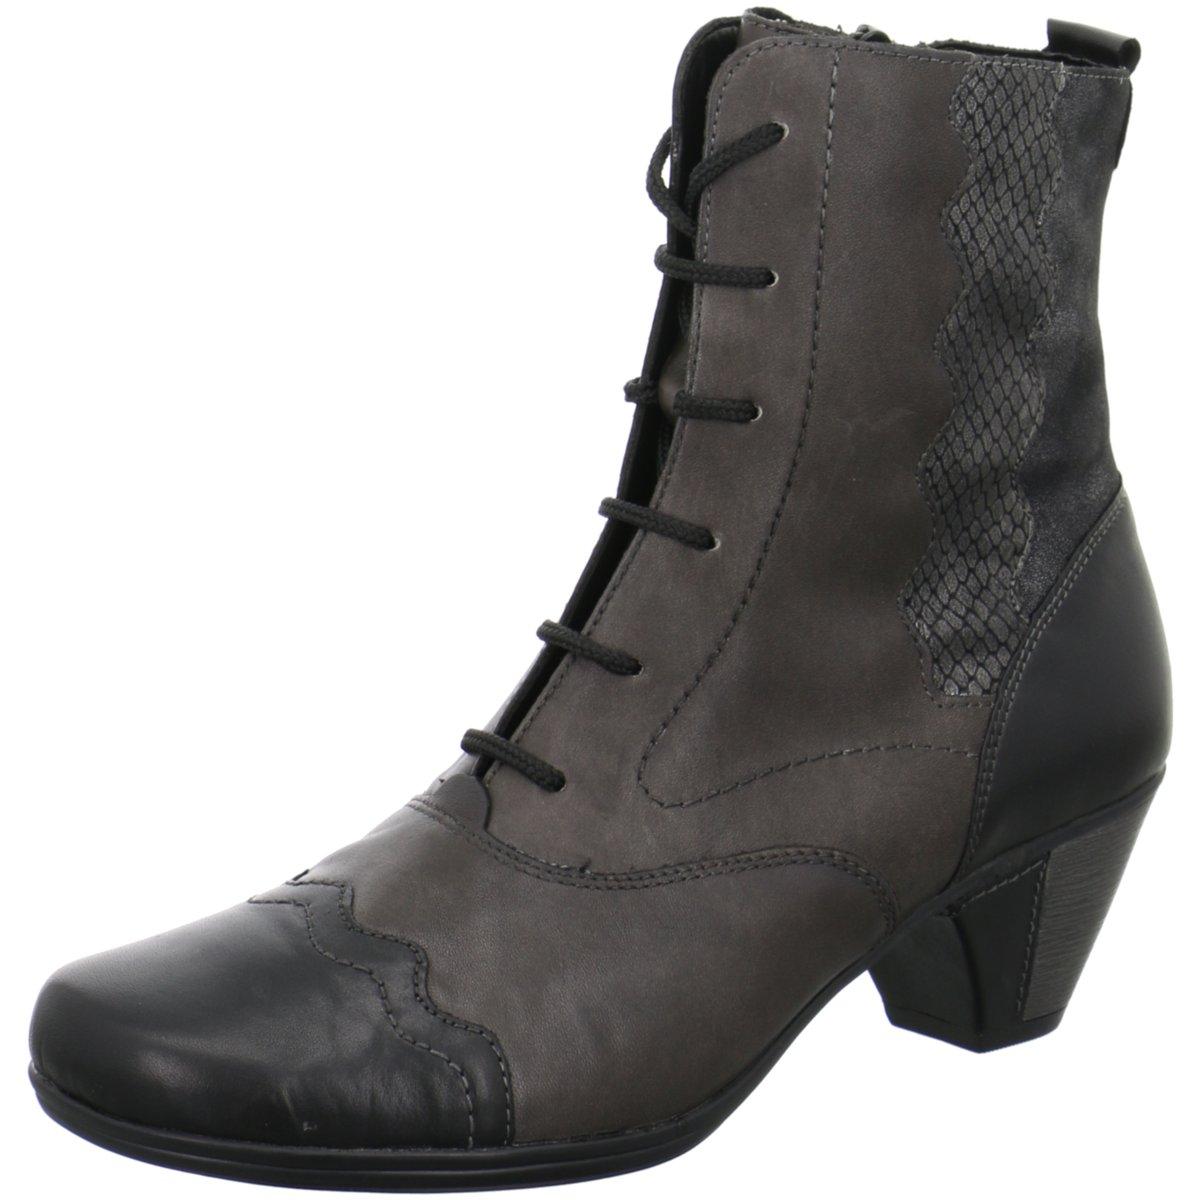 Remonte Damen Stiefeletten NV D127145 schwarz 169610    | Elegante Und Stabile Verpackung  d3dcb6